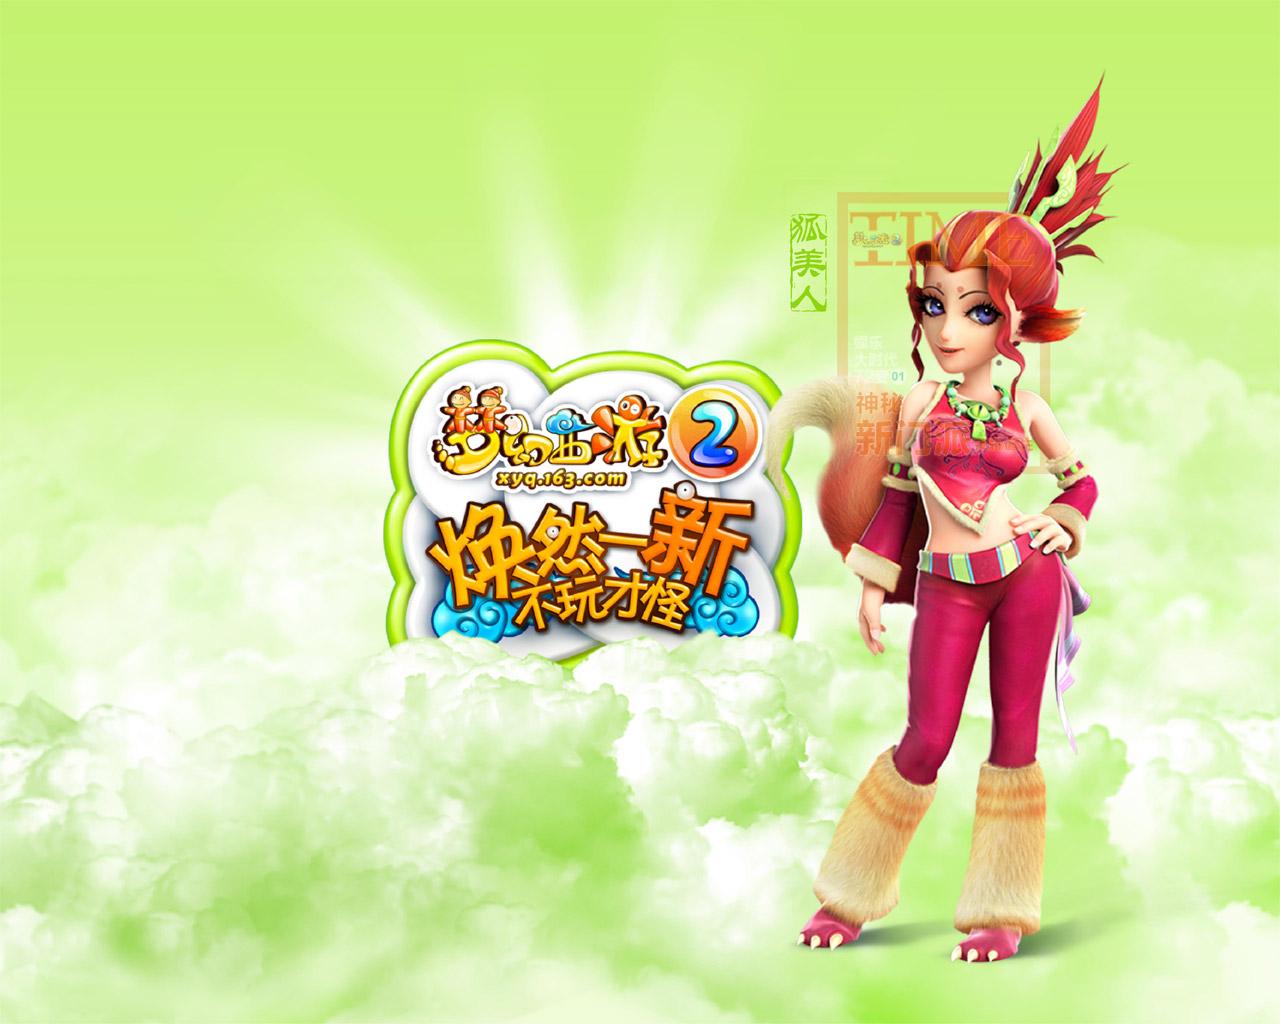 壁纸下载 梦幻西游2 官方网站图片